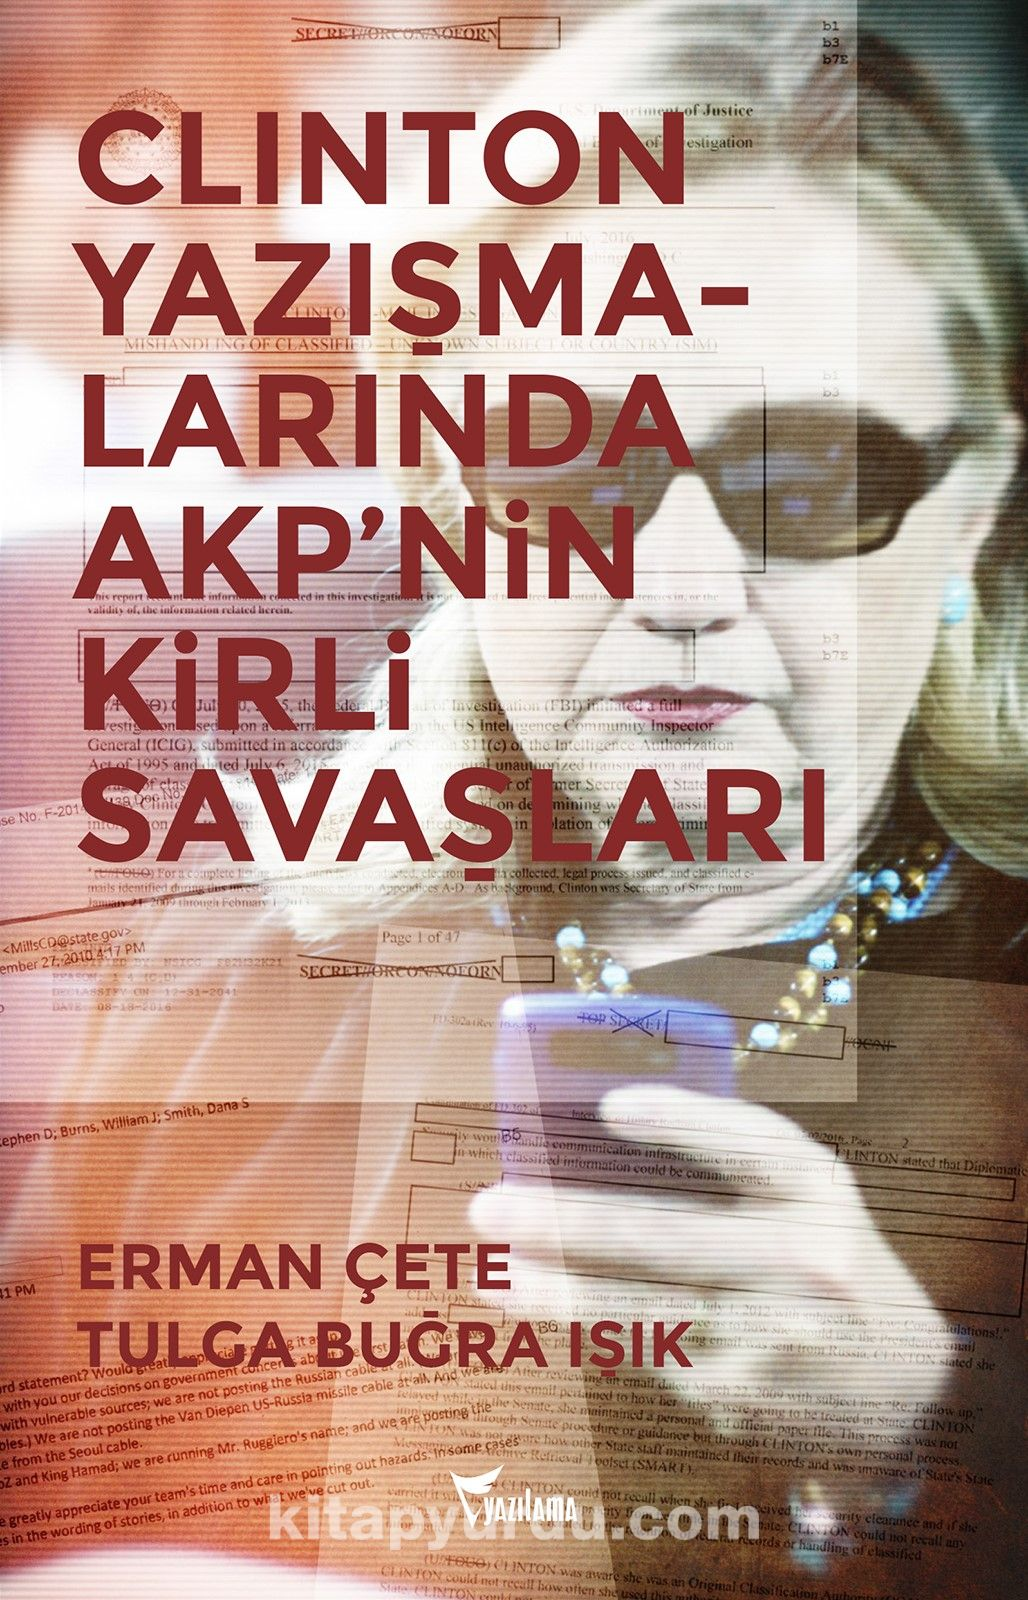 Clinton Yazışmalarında AKP nin Kirli Savaşları